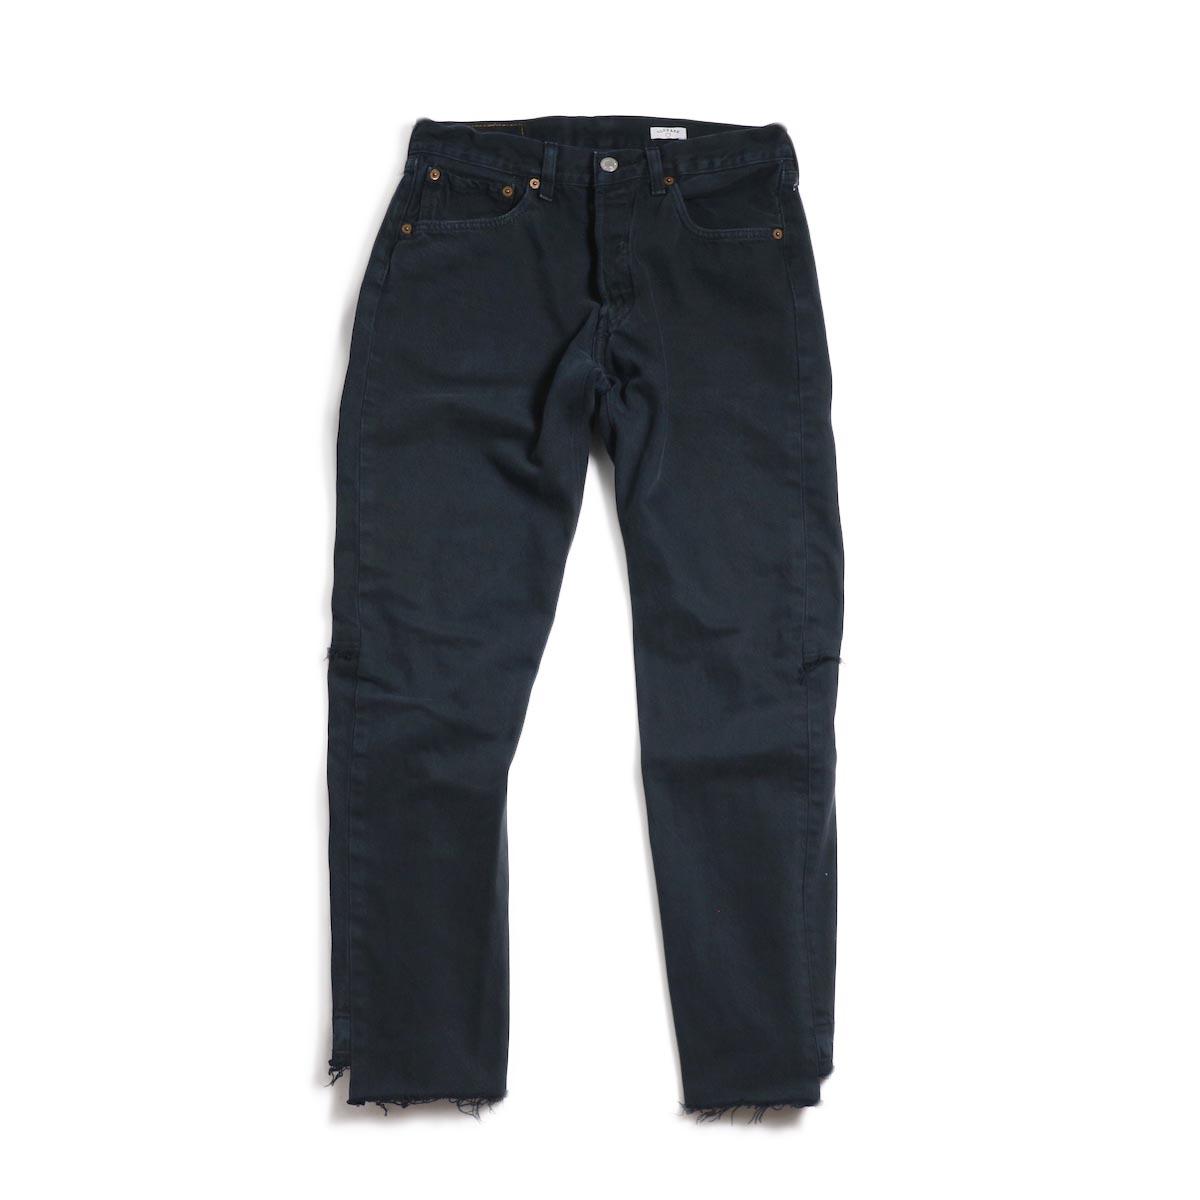 OLD PARK / Back Flare Jeans -Black Ssize (G)